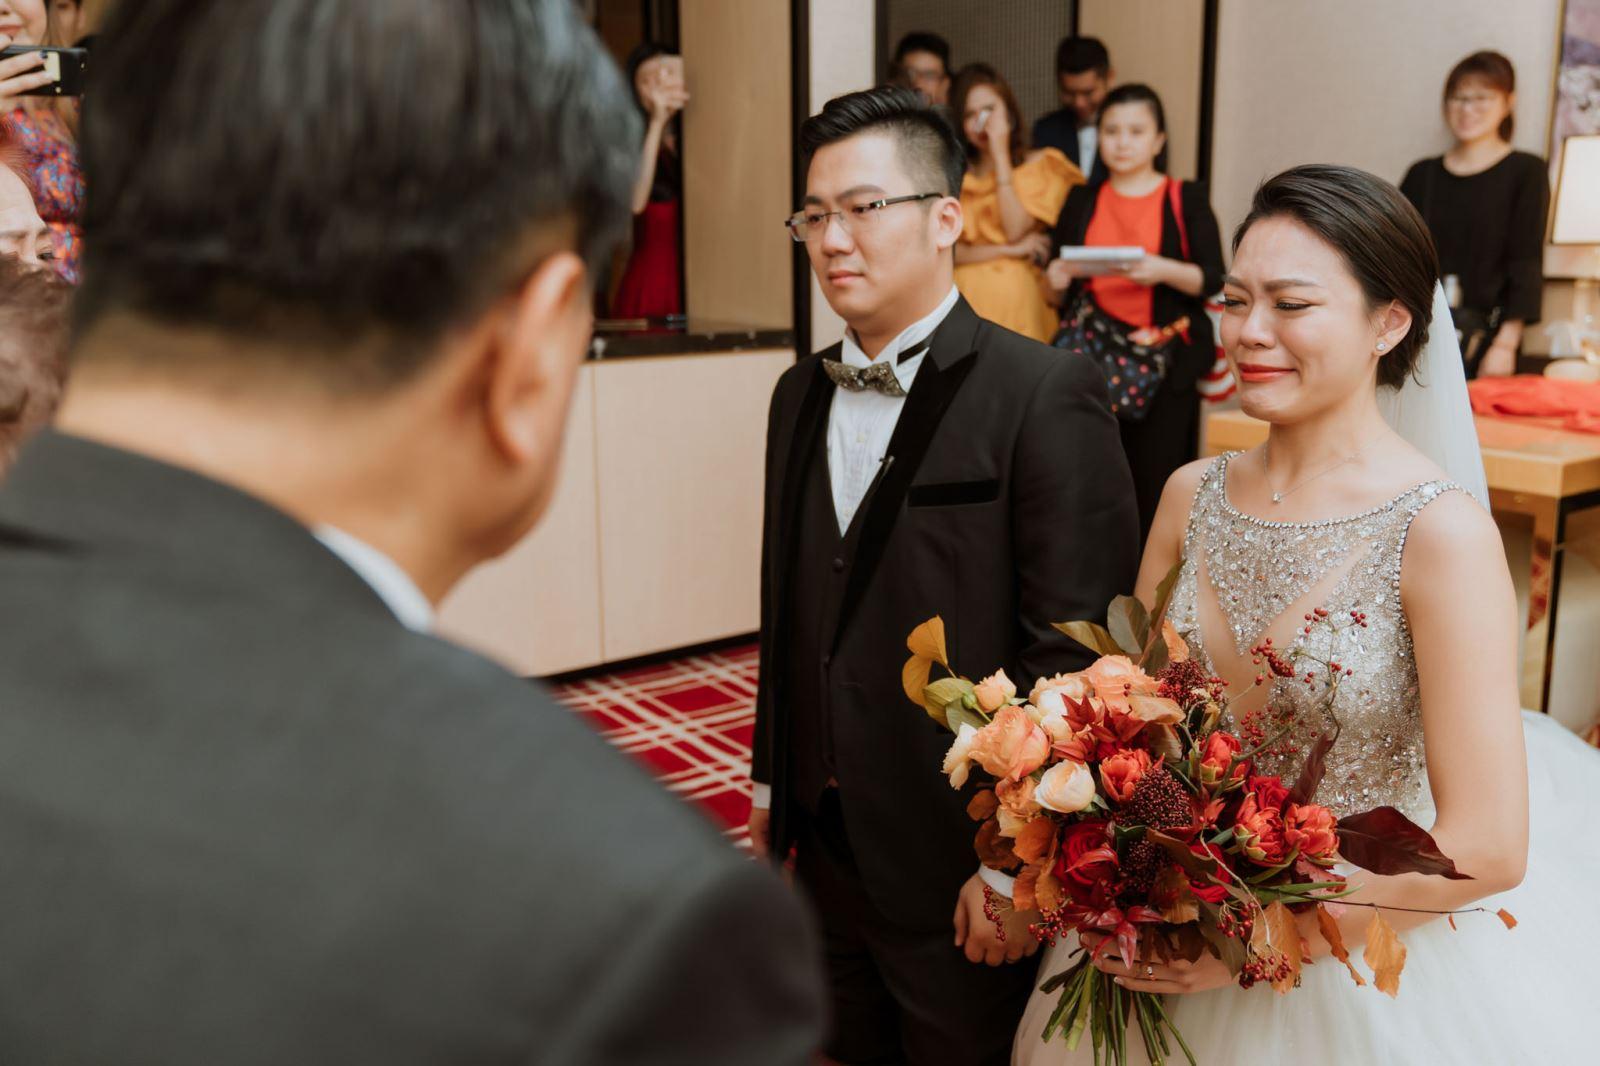 婚禮主持人在主持迎娶,新人下跪於女方家長前,進行拜別